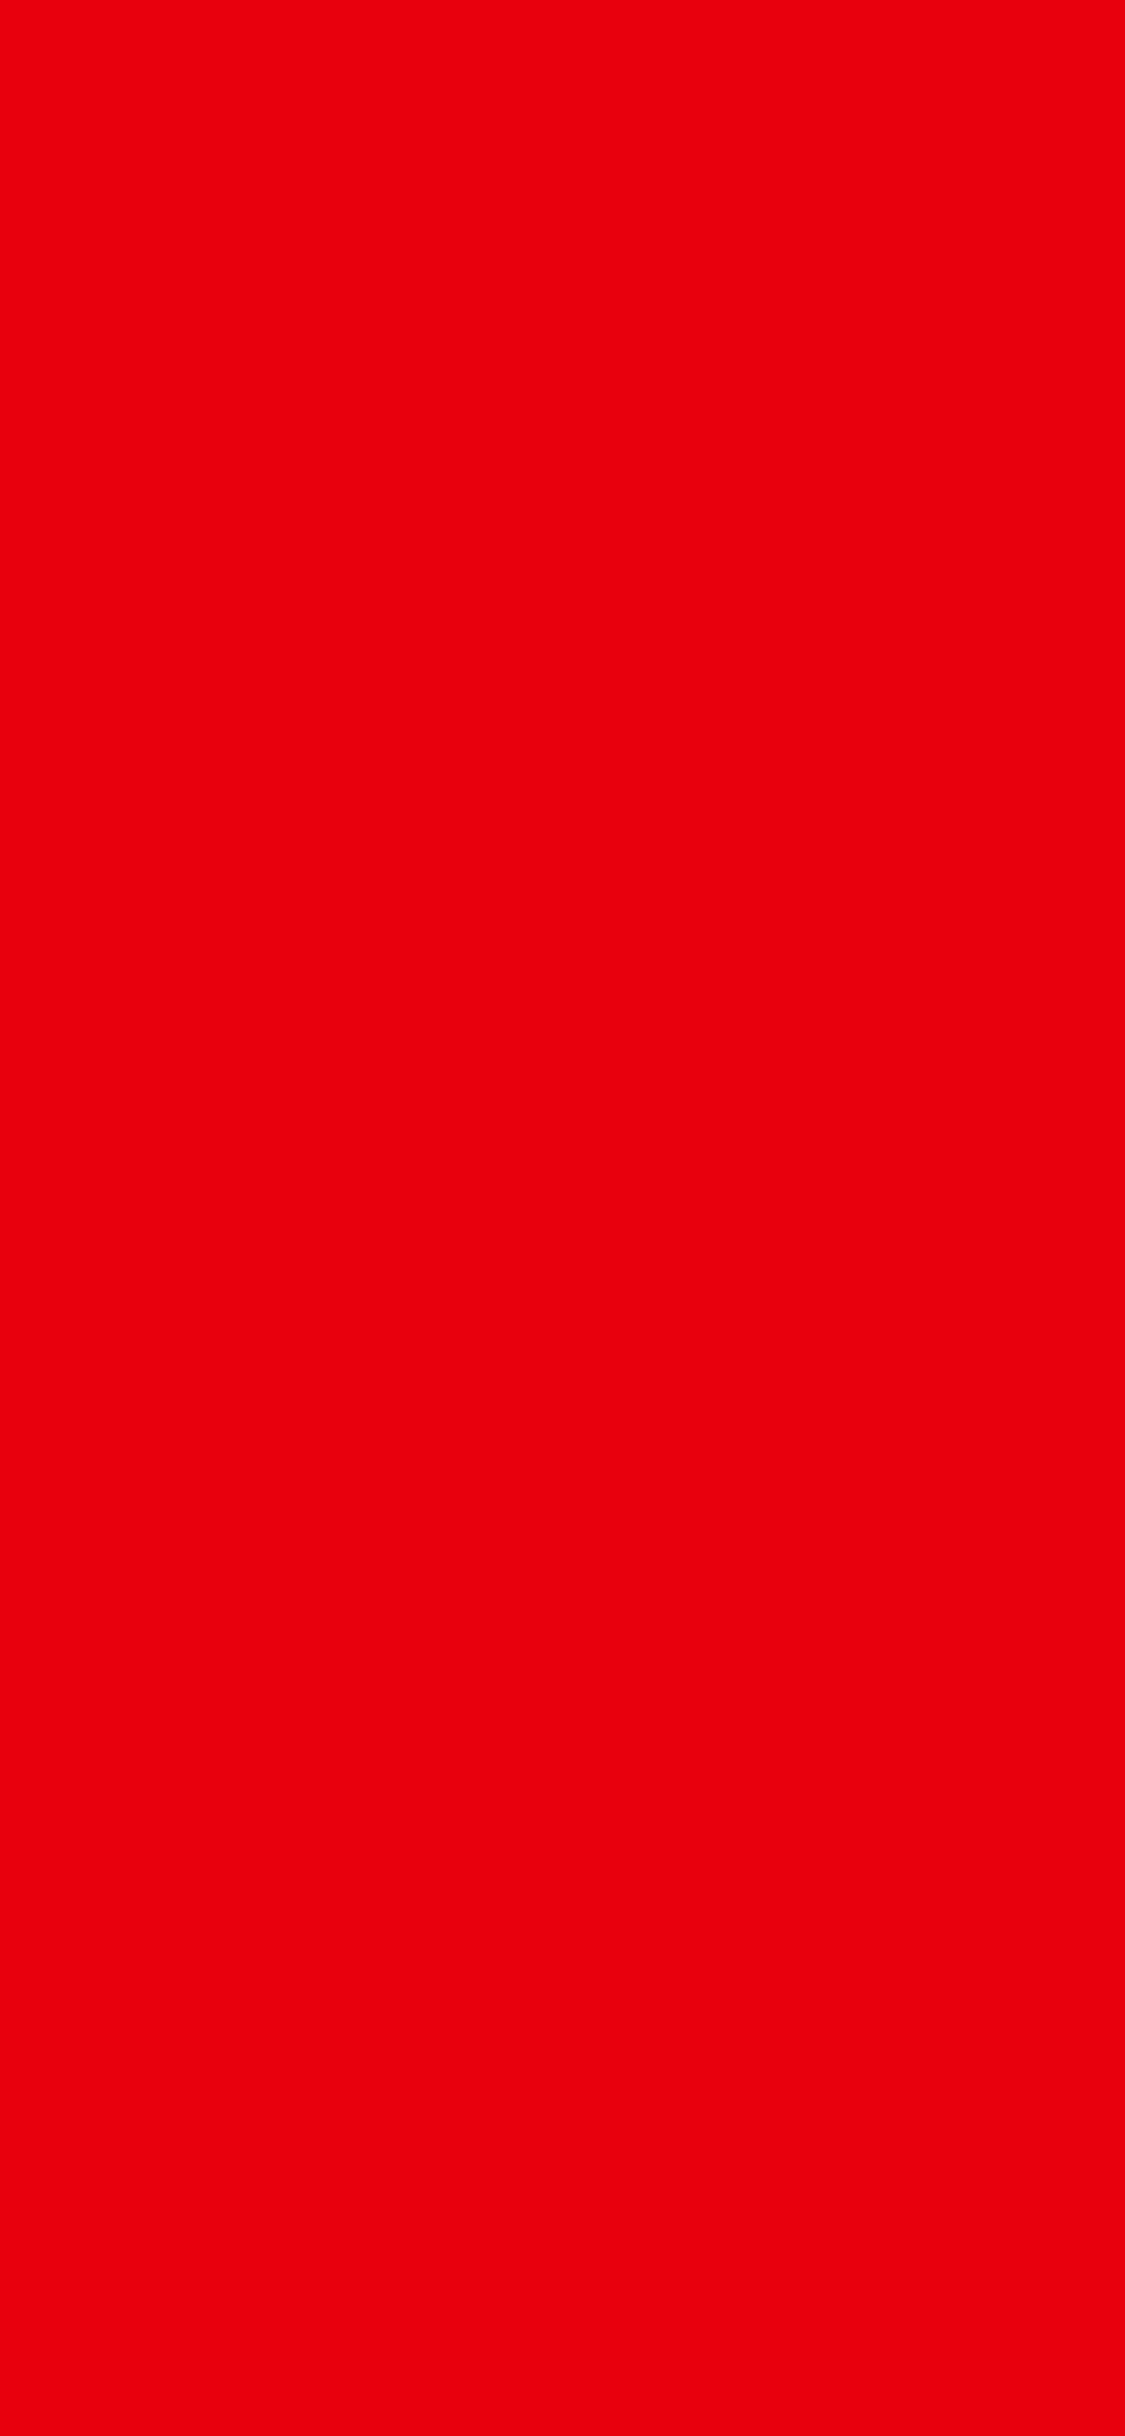 1125x2436 KU Crimson Solid Color Background